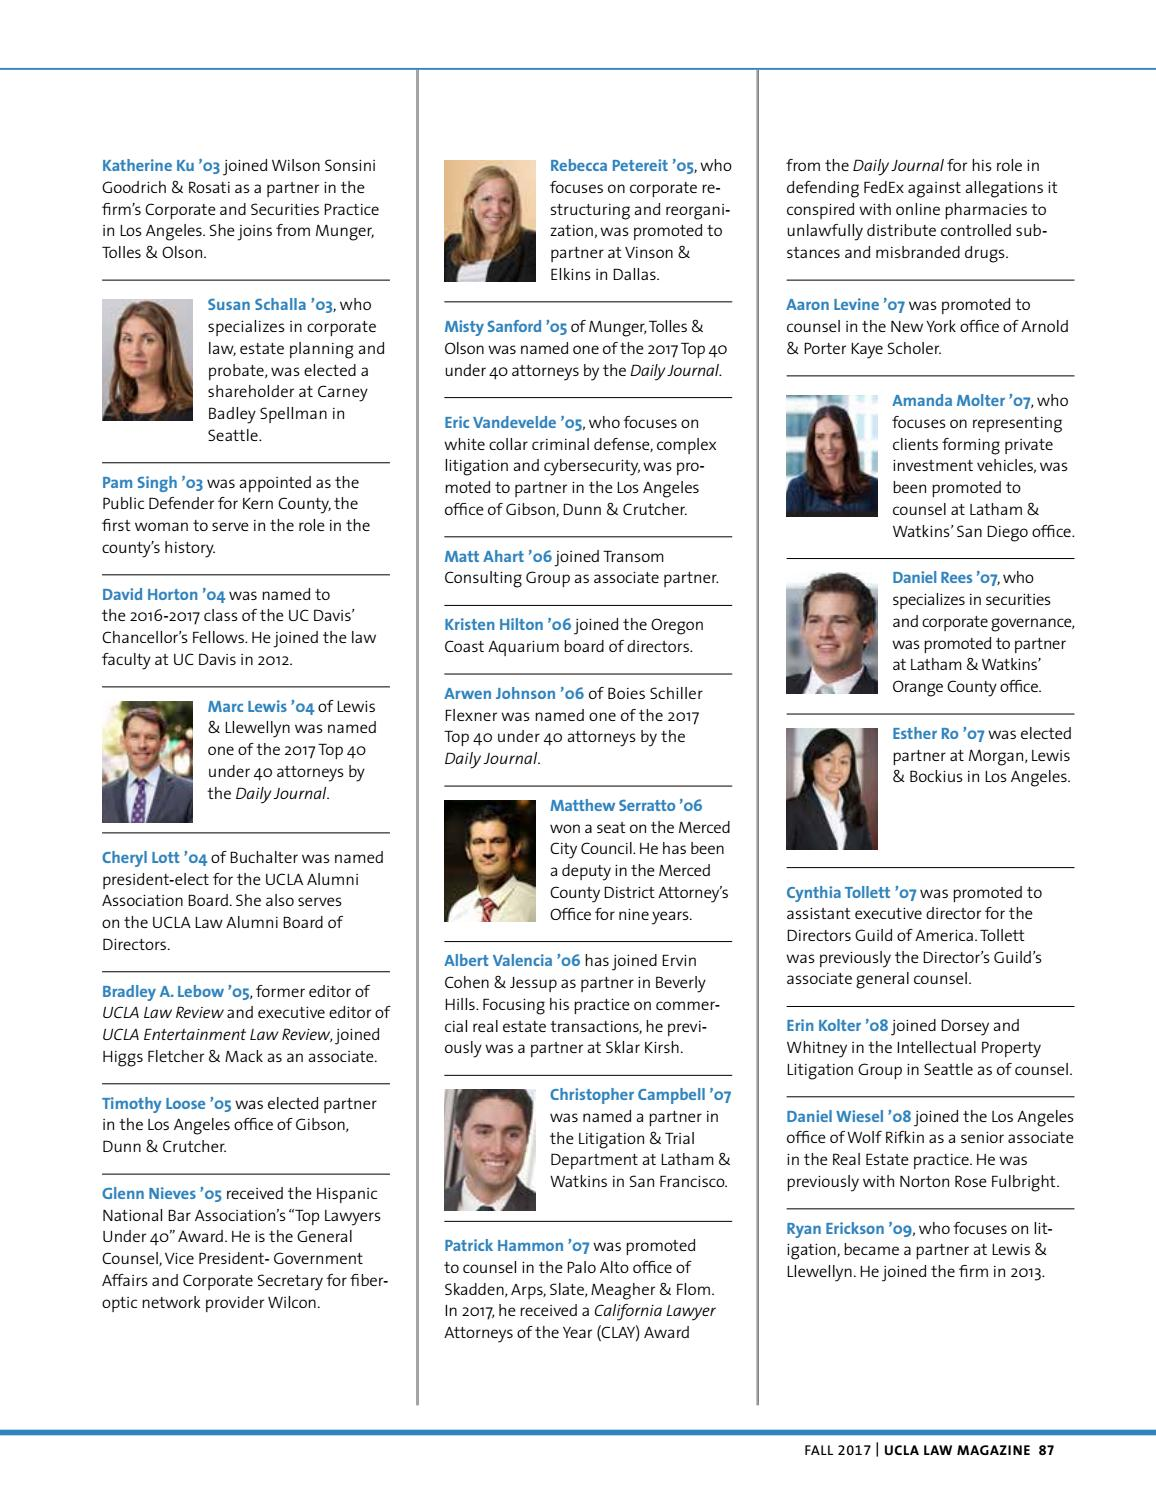 UCLA Law Magazine Fall 2017 by UCLA Law - issuu